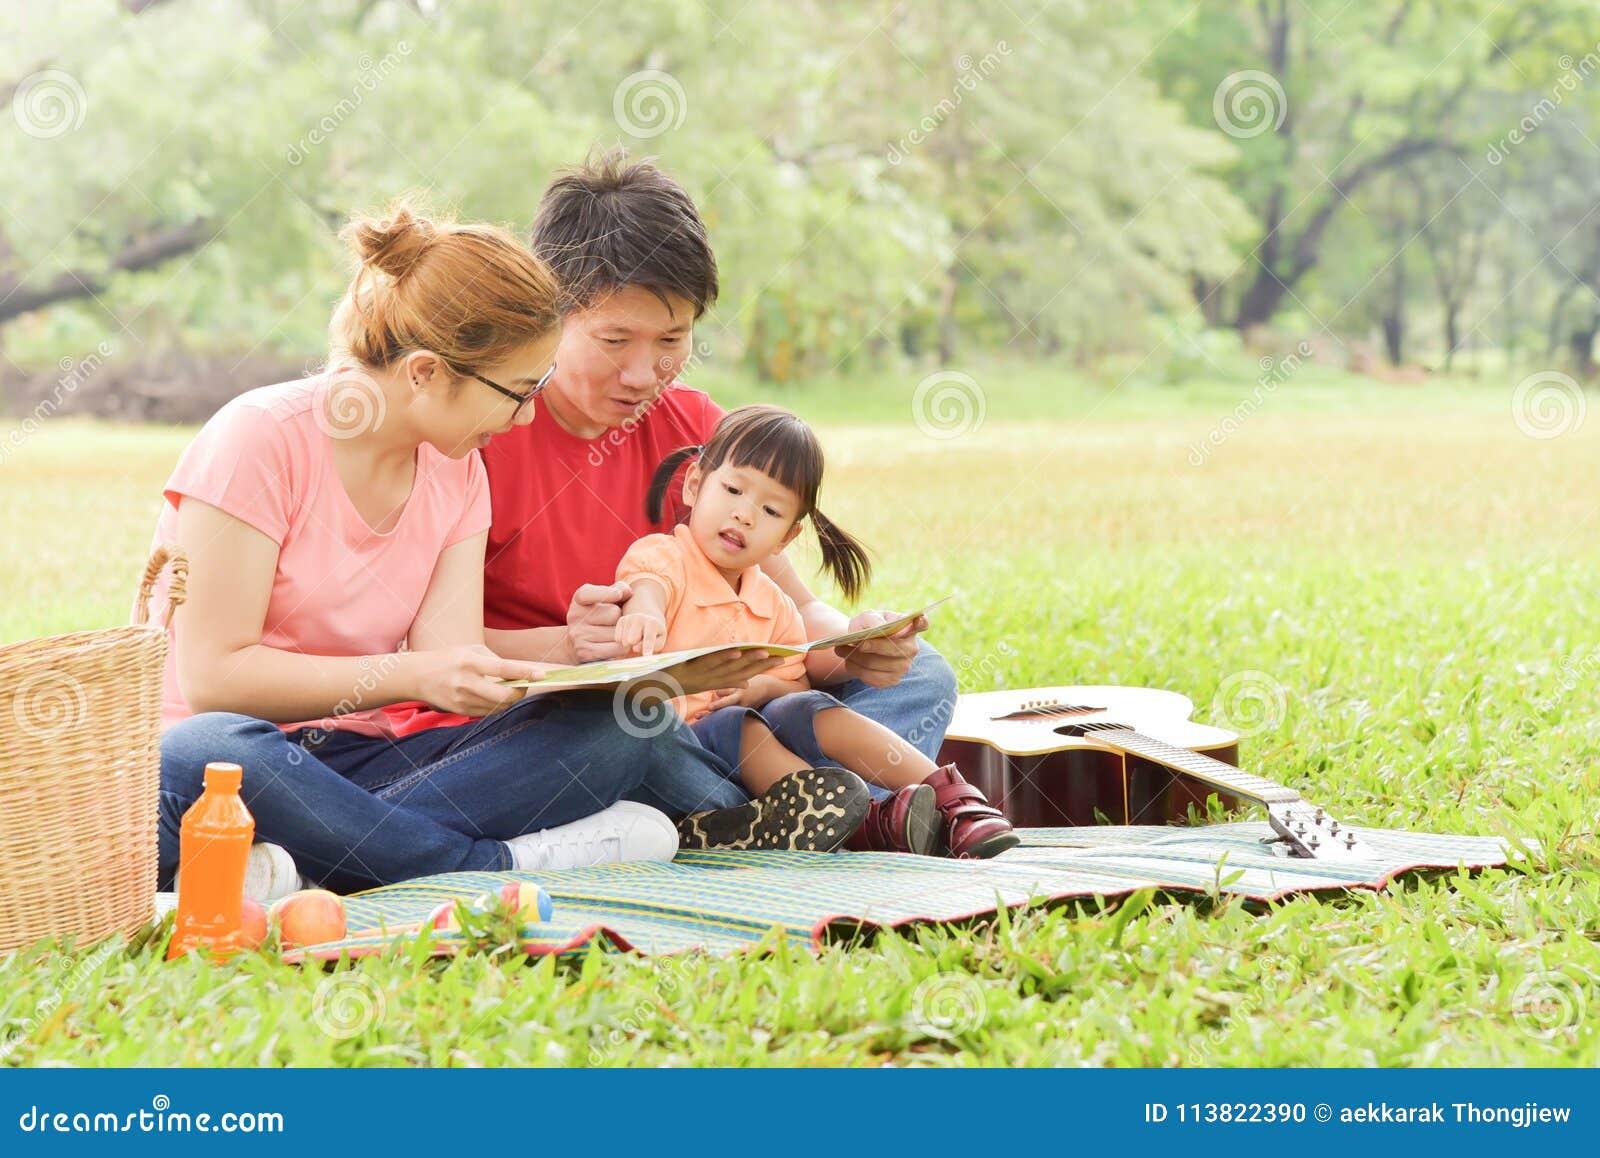 Happy Asian family having fun.